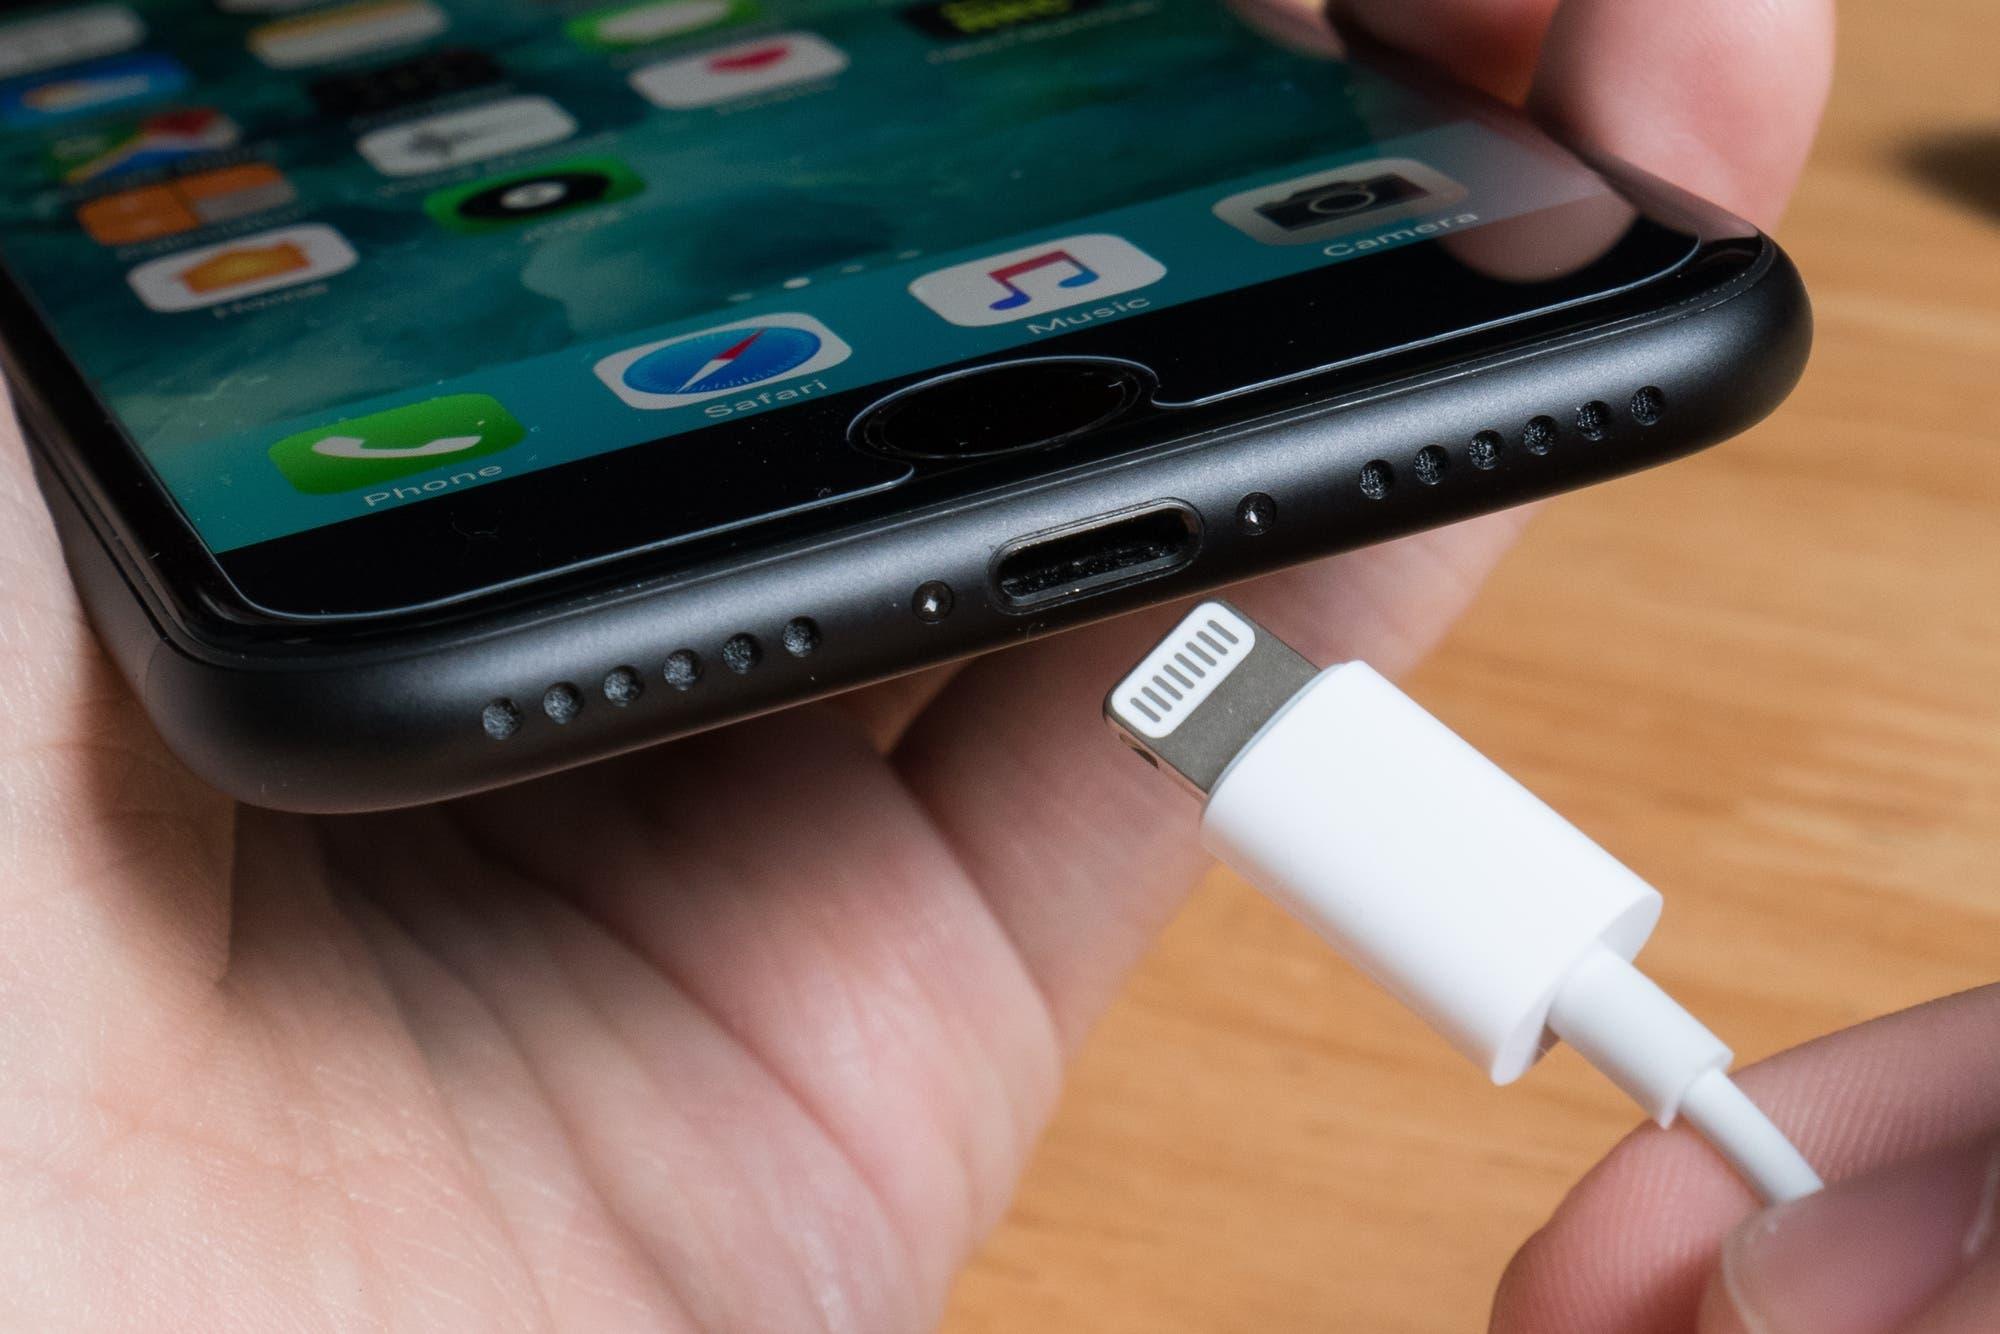 En 2021 el iPhone podría eliminar el conector de carga, según un analista que suele acertar en estas predicciones